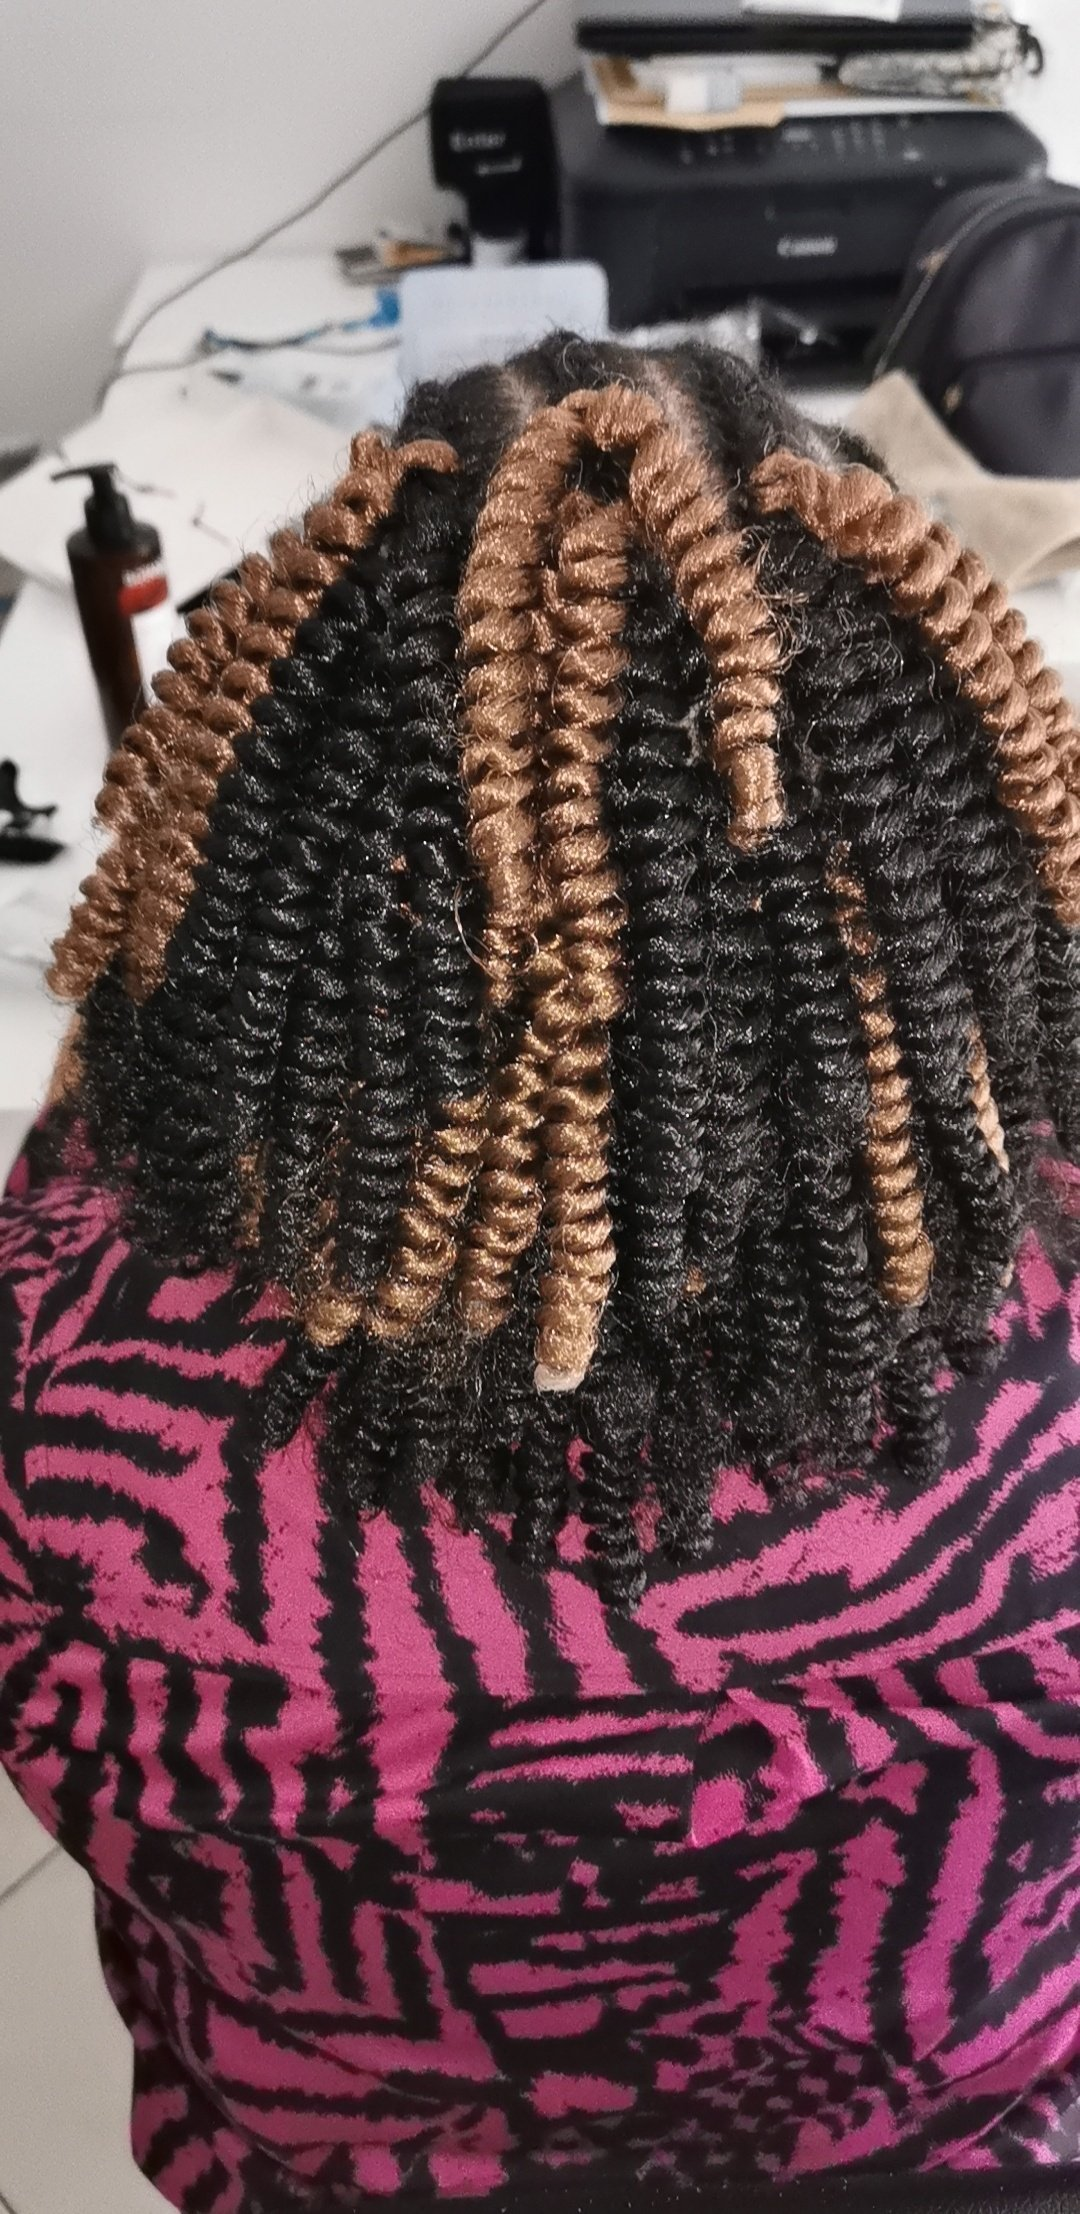 salon de coiffure afro tresse tresses box braids crochet braids vanilles tissages paris 75 77 78 91 92 93 94 95 UYZEBKAV